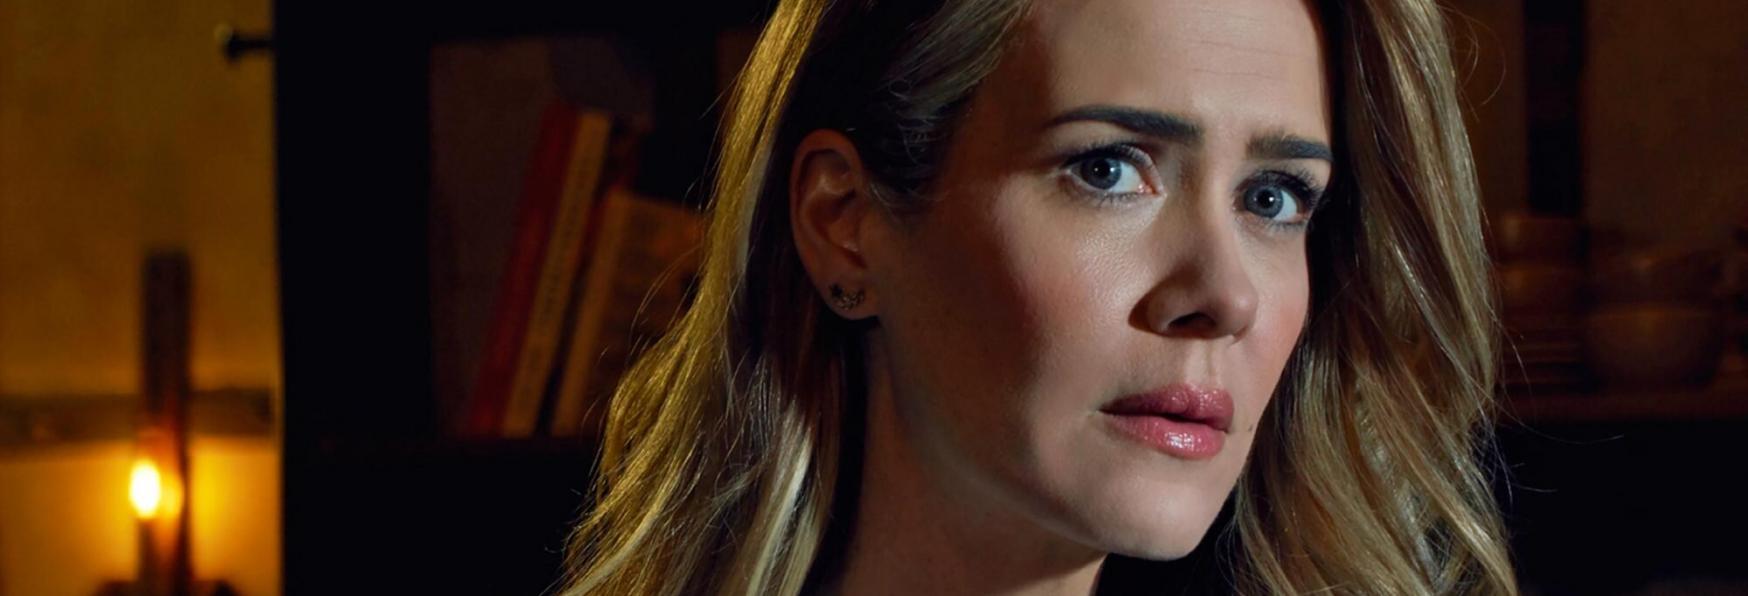 American Horror Story: la 10° Stagione sarà l'ultima per Sarah Paulson?